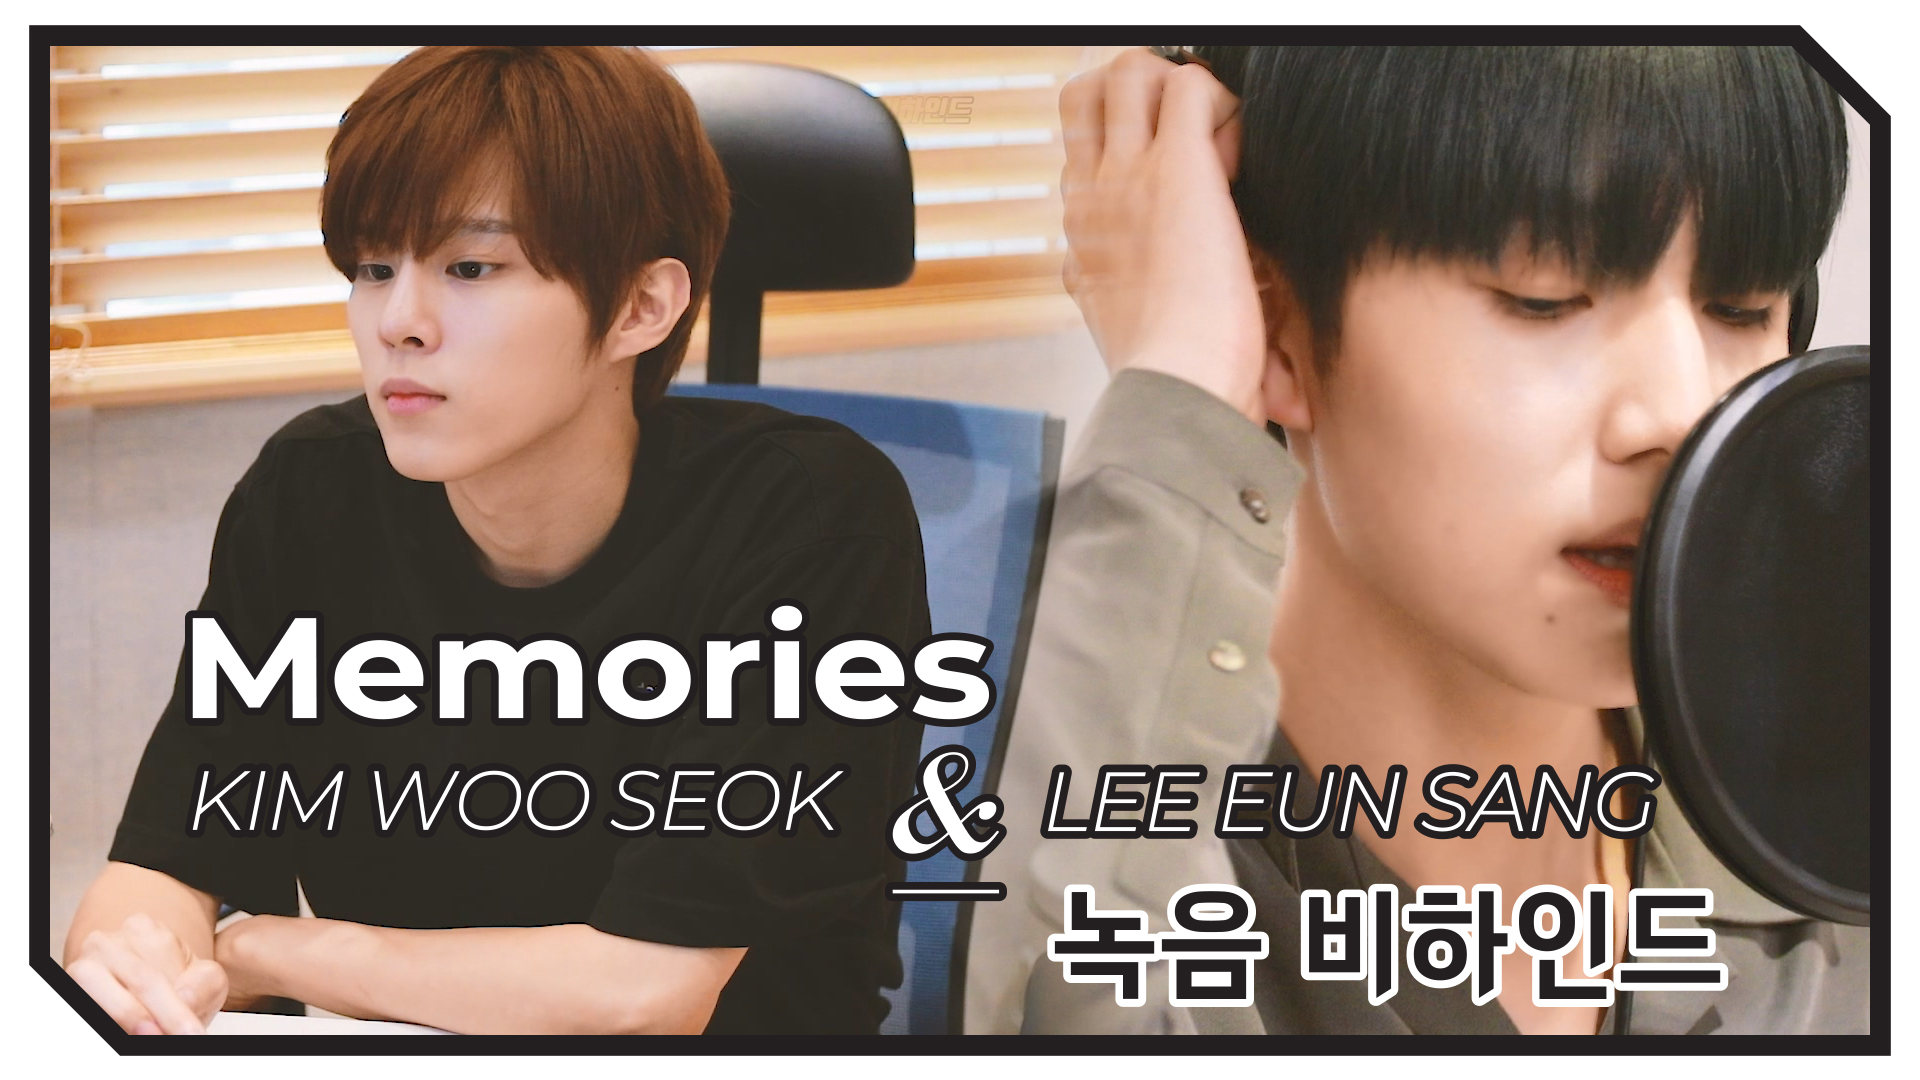 KIM WOO SEOK & Lee Eun Sang (김우석 & 이은상) 'Memories' 녹음 비하인드